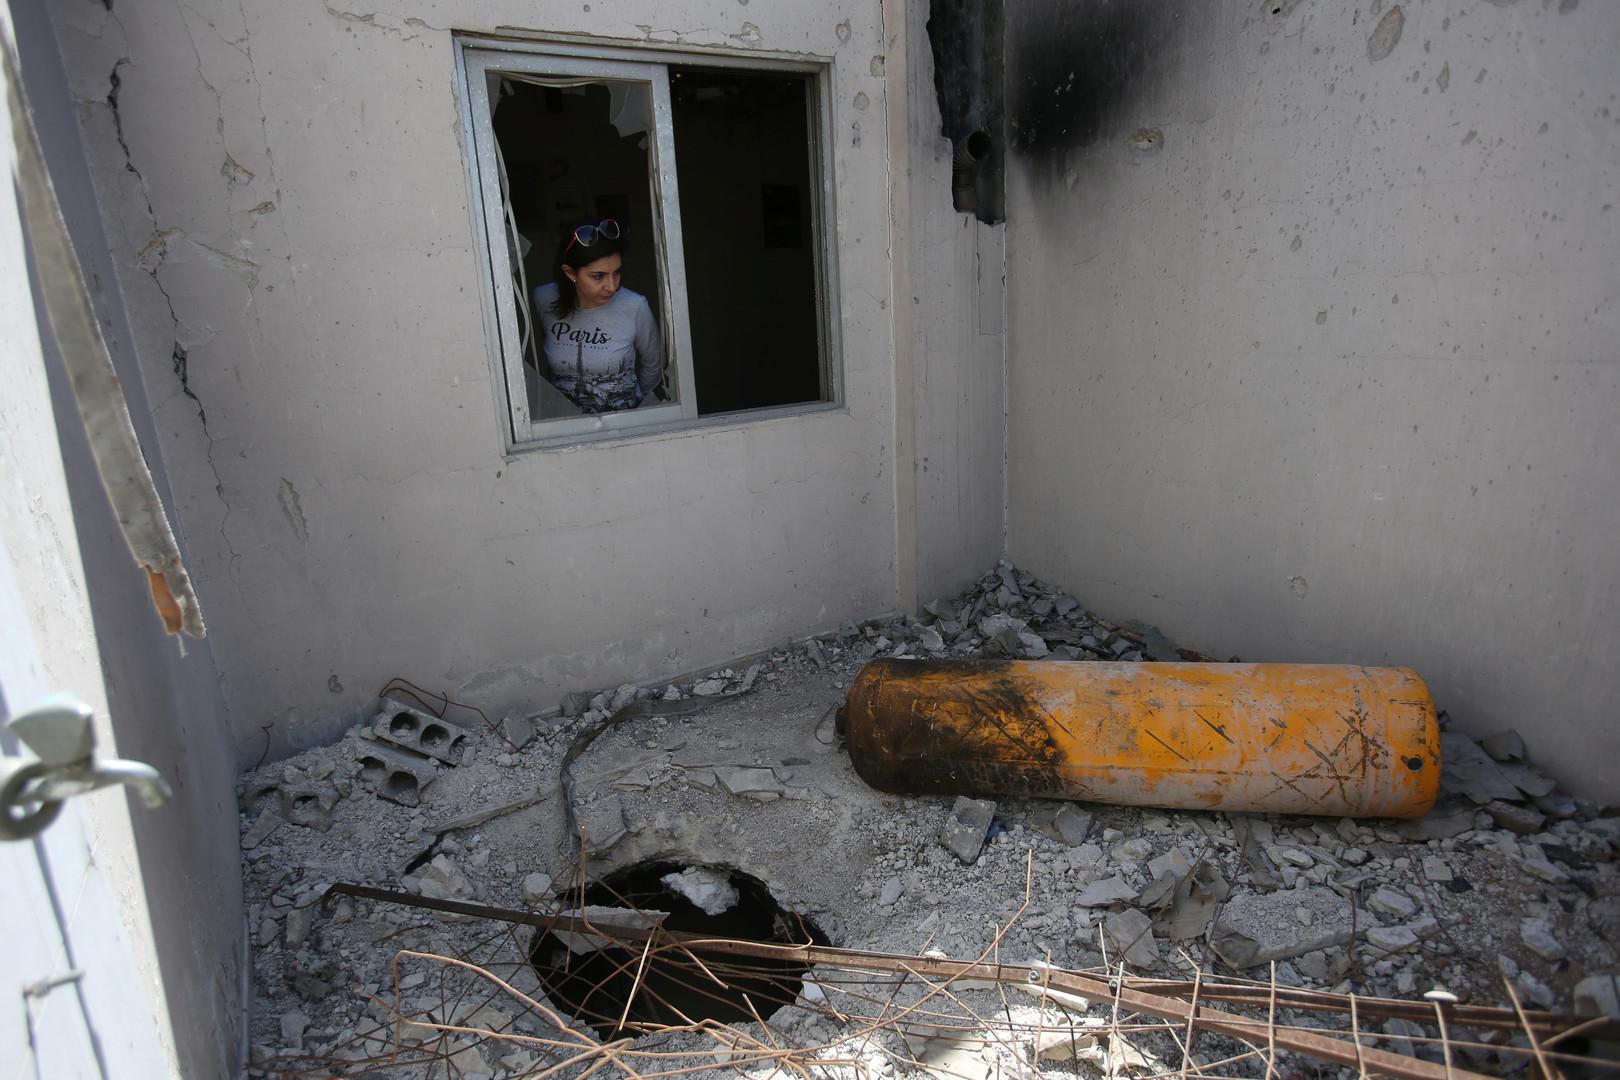 OPCW findet keine Beweise für Chemiewaffeneinsatz im syrischen Duma – Mainstream verdreht Aussagen